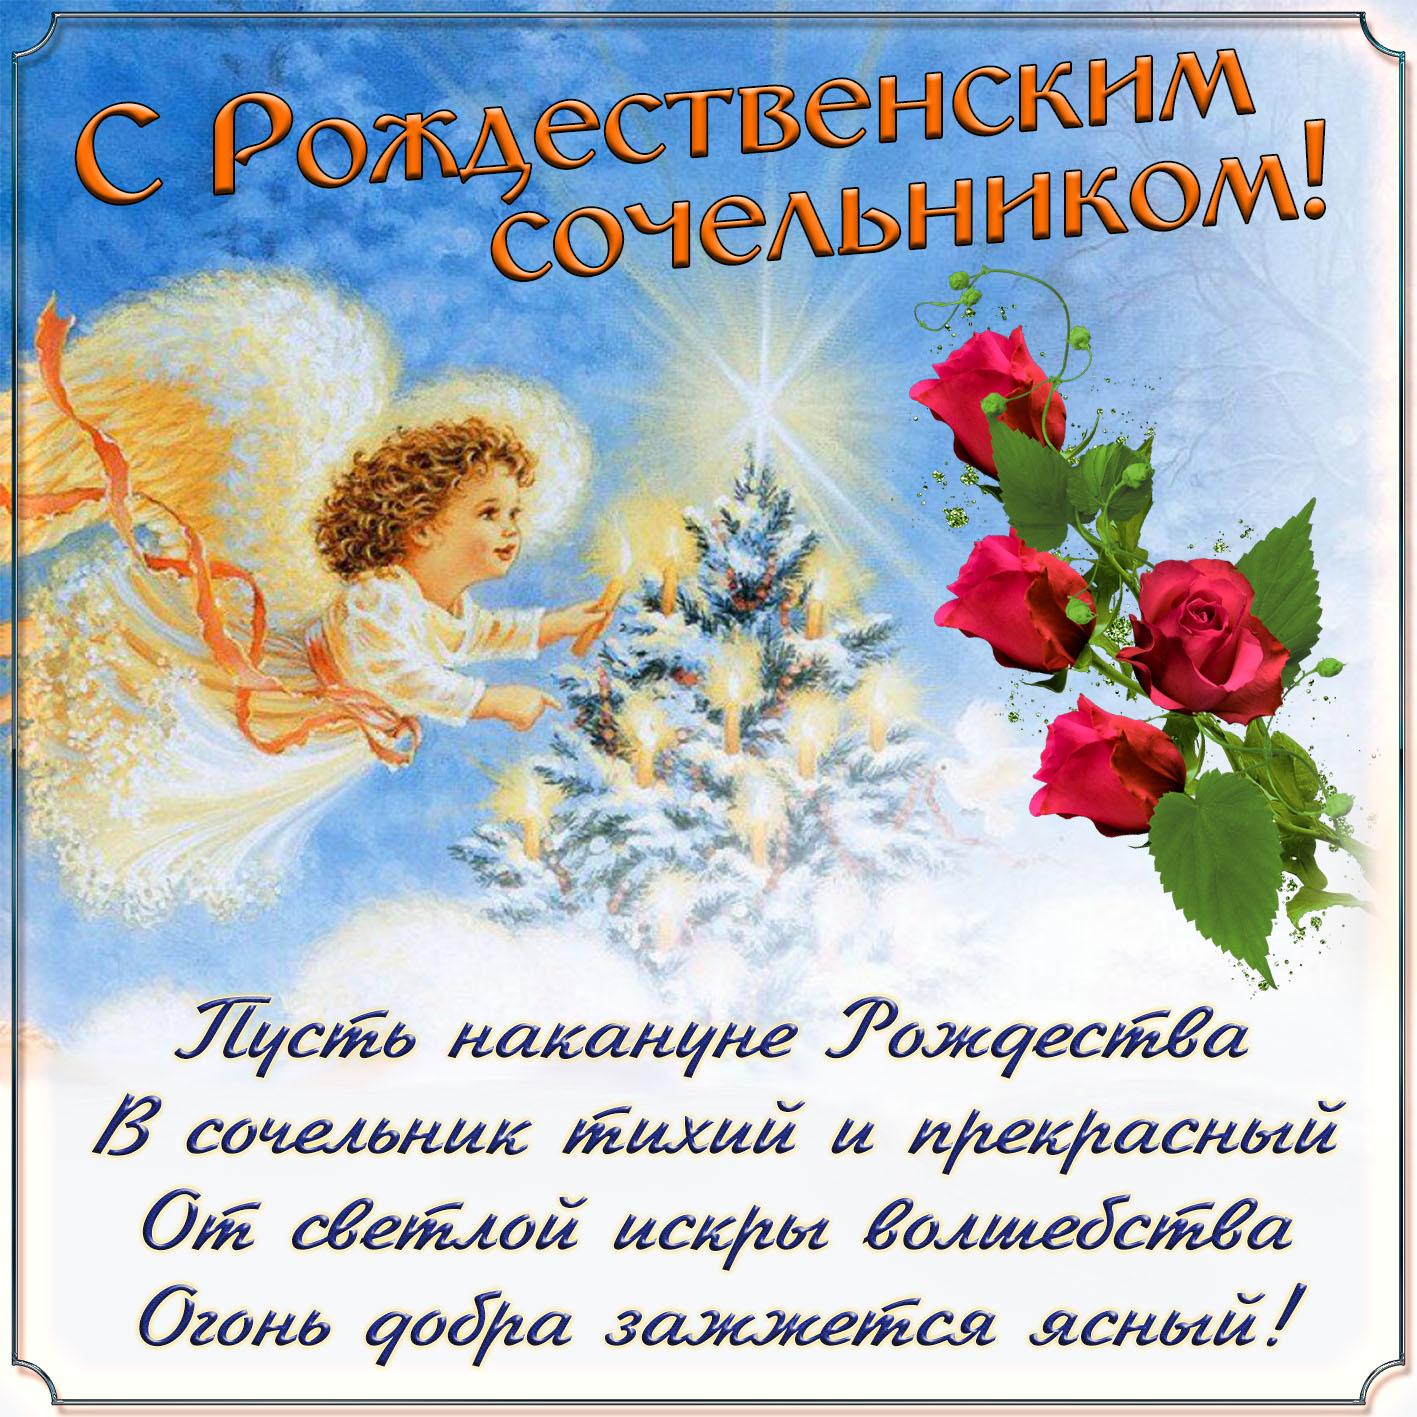 Открытка - ангел и красивое пожелание к Рождественскому сочельнику